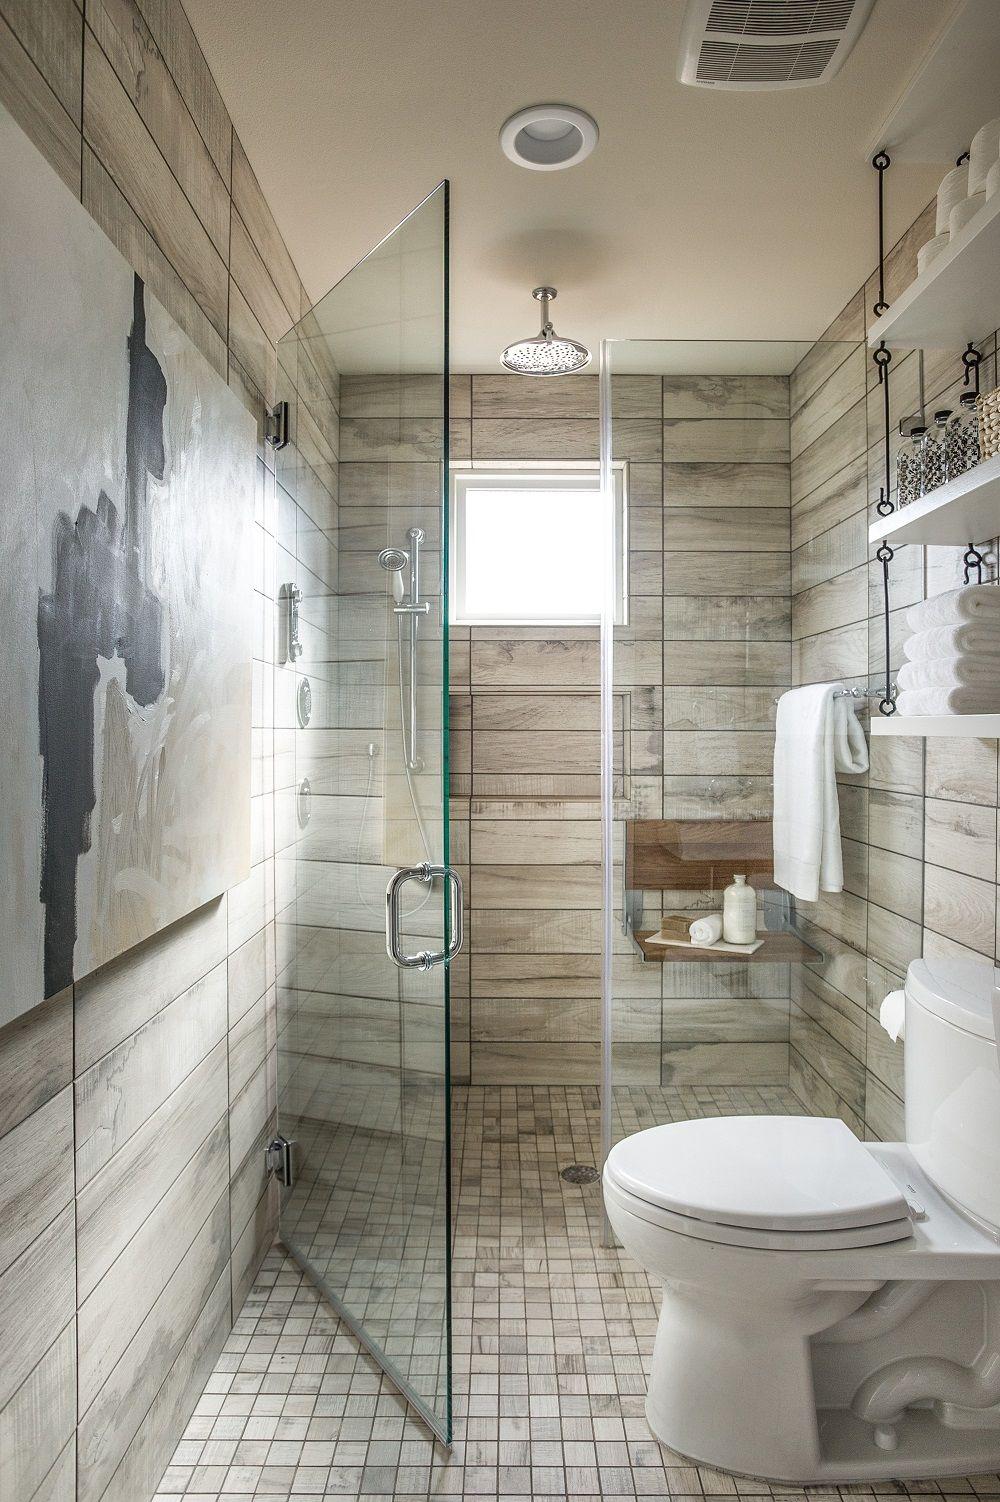 Tư vấn thiết kế nội thất nhà ở cấp 4 nhỏ xinh theo phong cách hiện đại tối giản và với chi phí tiết kiệm chỉ 50 triệu - Ảnh 12.